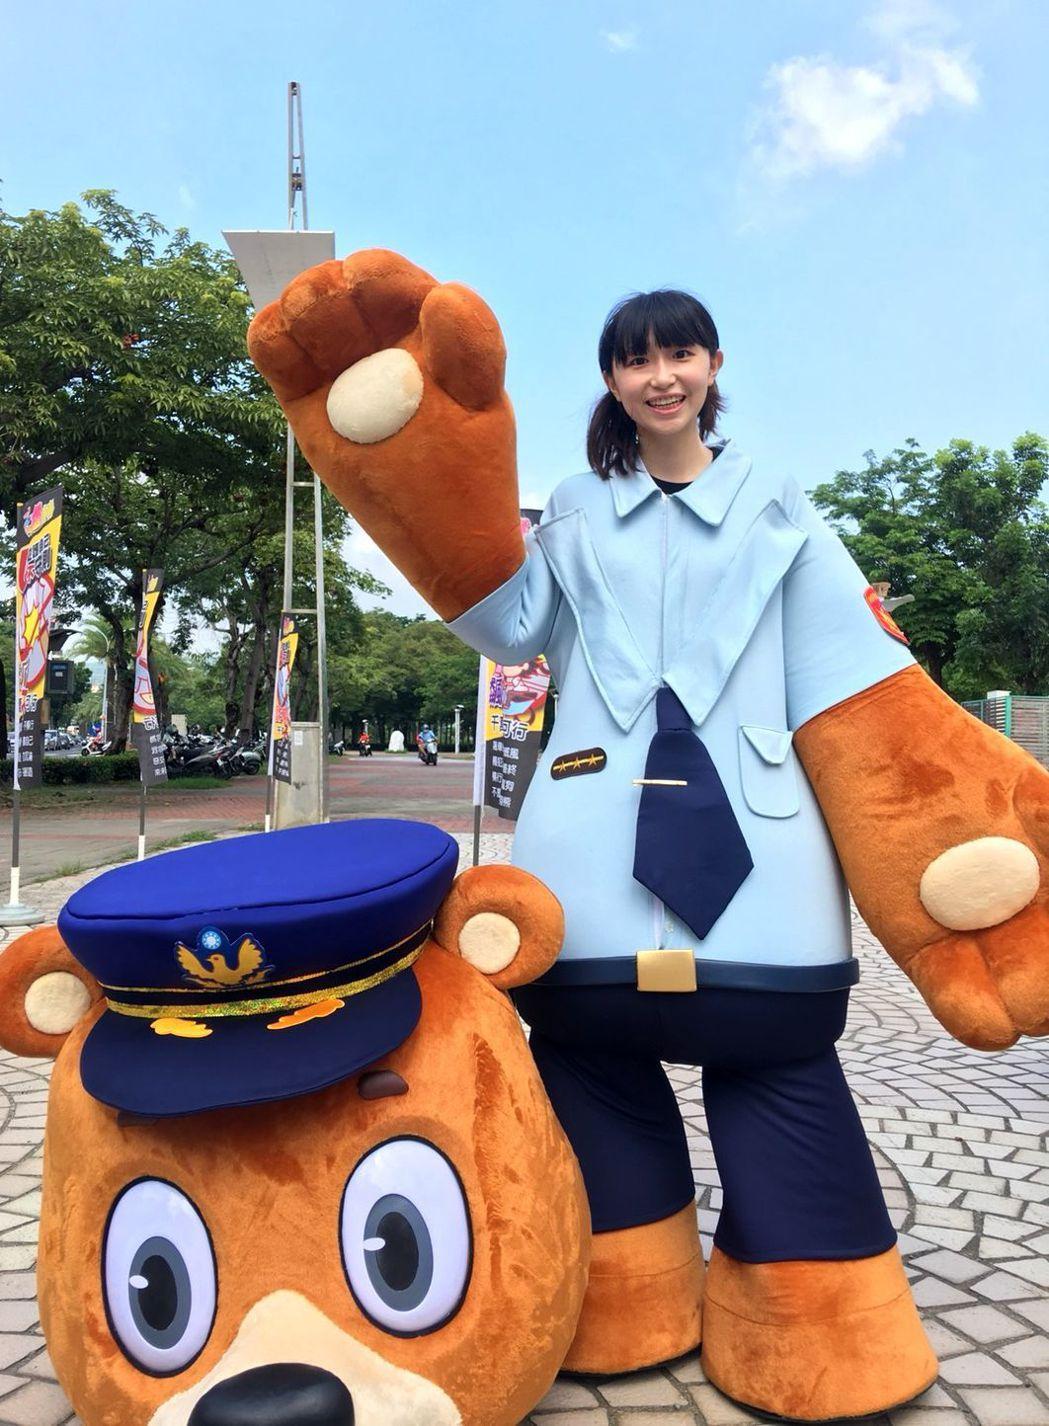 剛考上警大研究所的正妹女警黃茗穿上熊古力公仔裝,為反毒活動添趣。記者林保光/翻攝